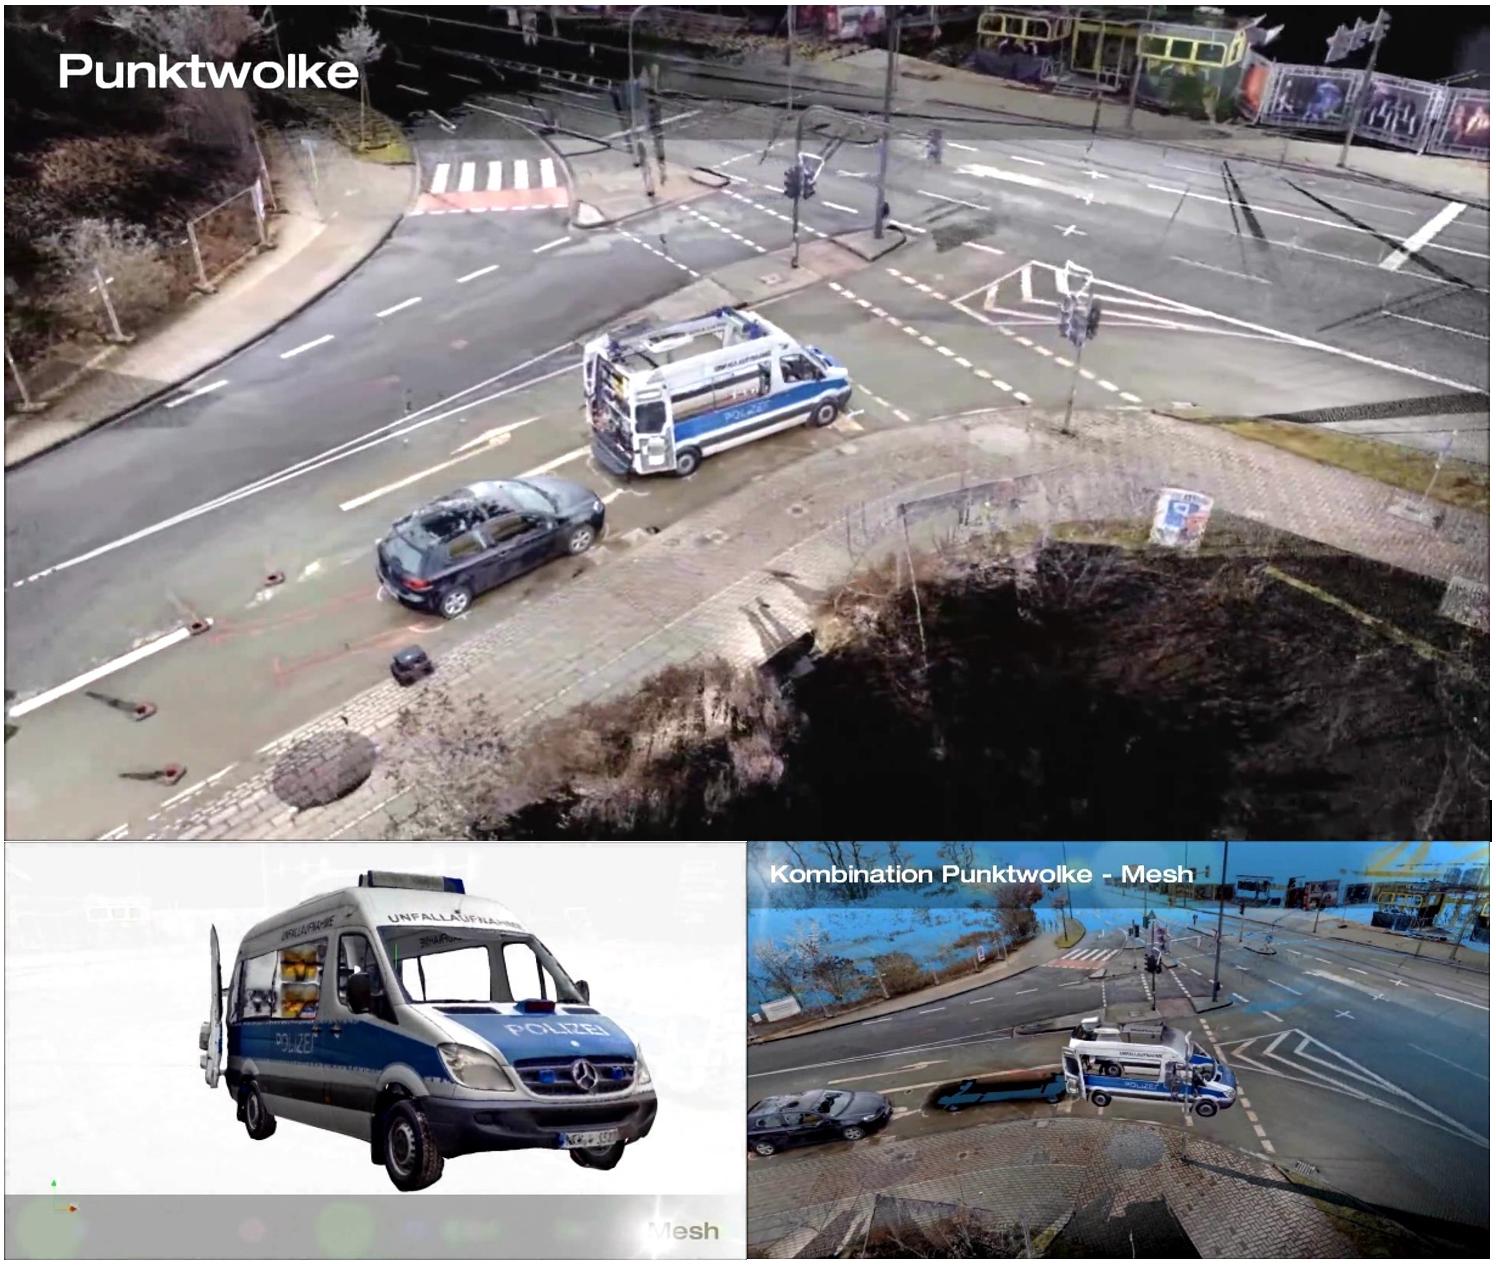 三維激光掃描儀在刑偵或事故現場勘察中的應用,三維掃描儀應用于刑偵事件的模拟推演展示圖